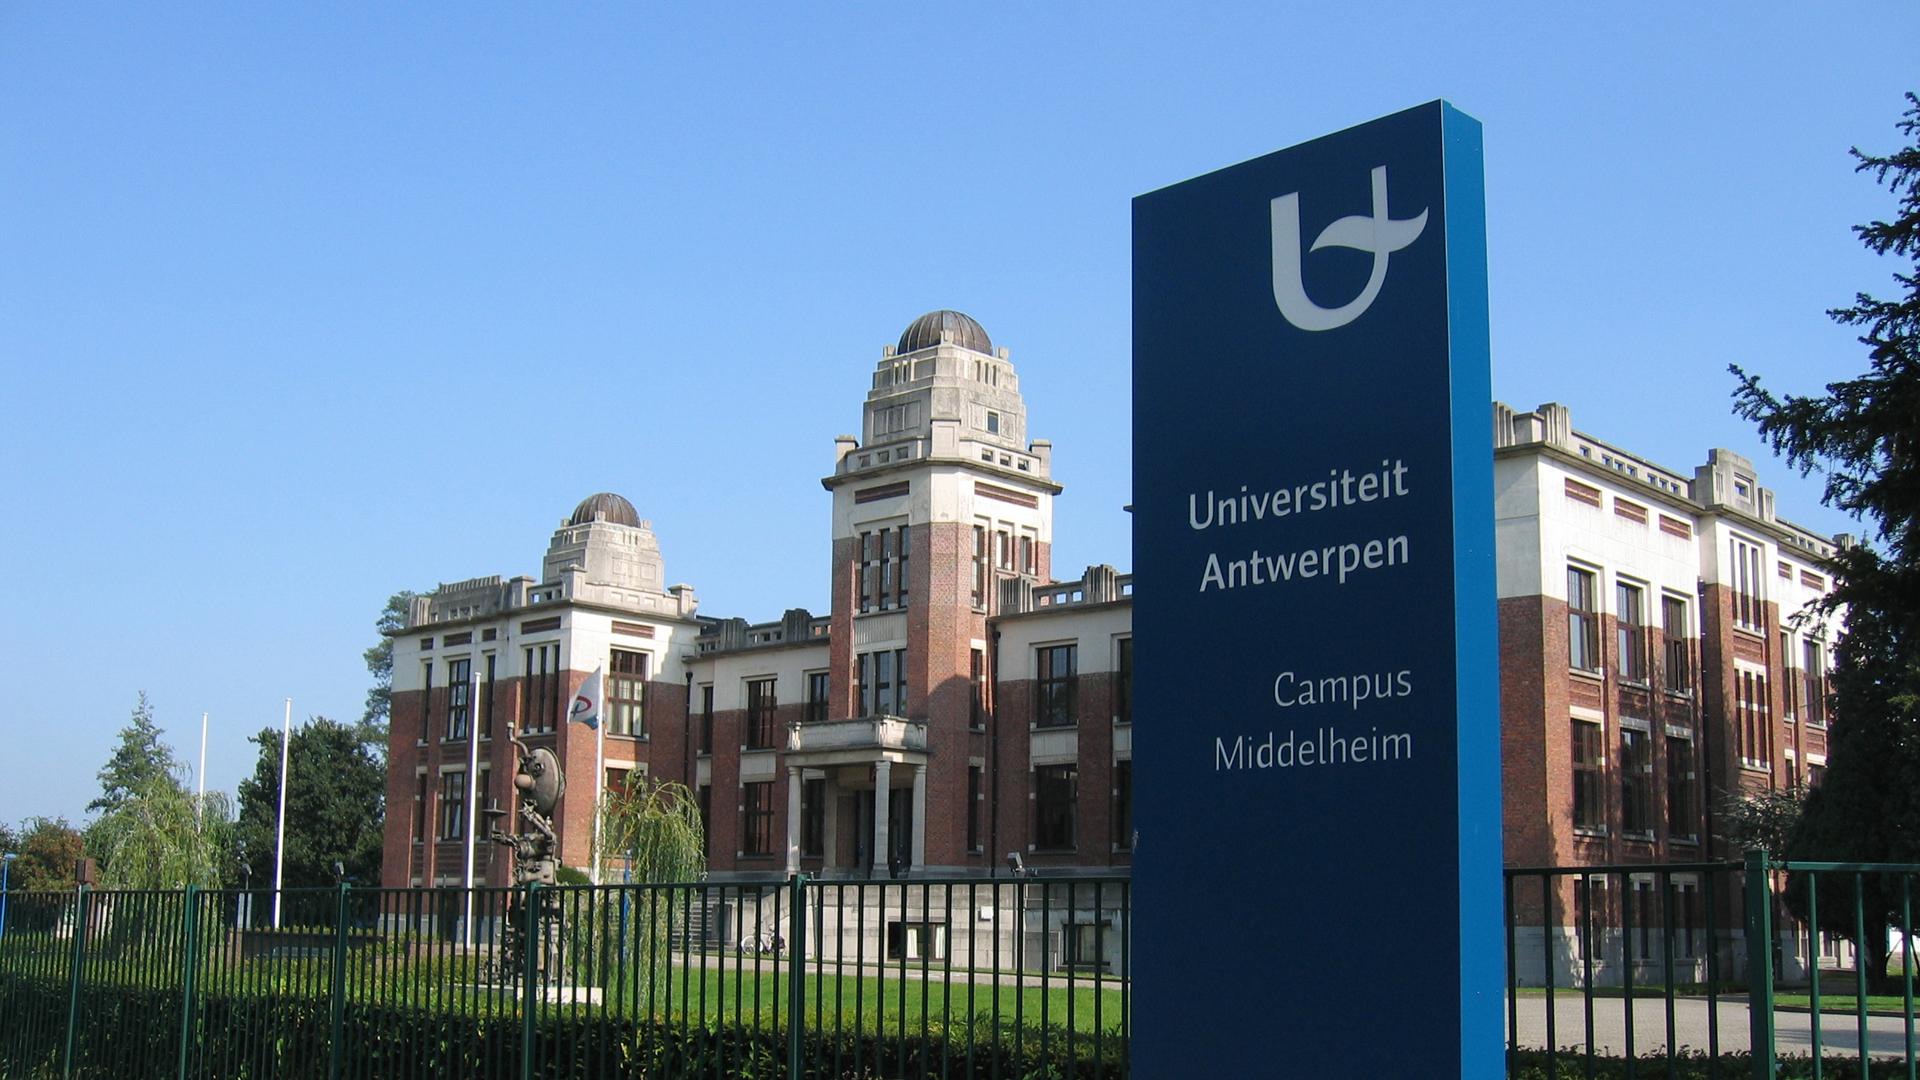 Universiteit Antwerpen Corporate Identity - Branding & Positionering